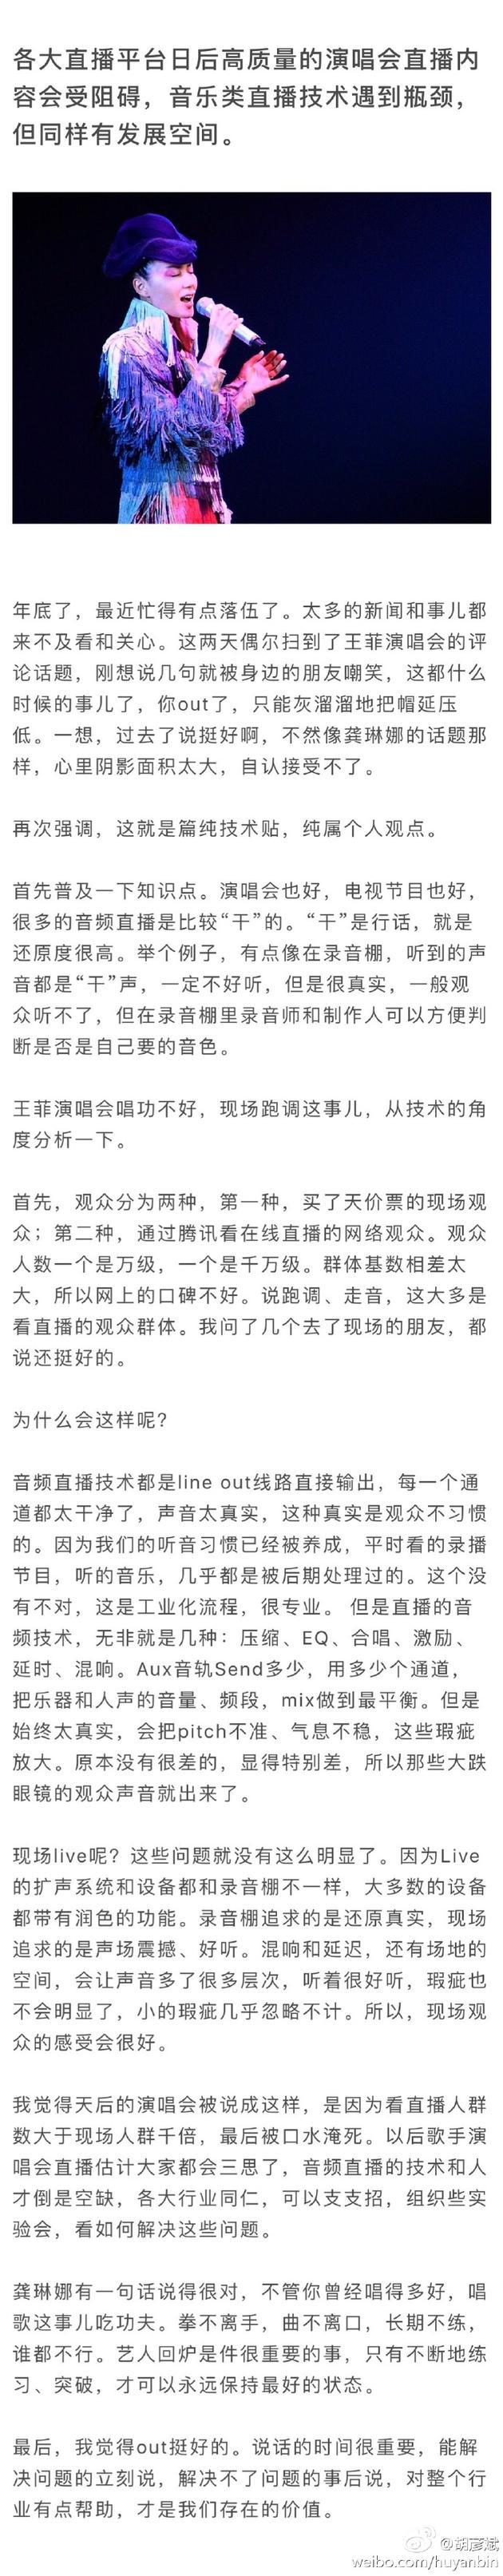 胡彦斌发科普贴分析王菲演唱会走音